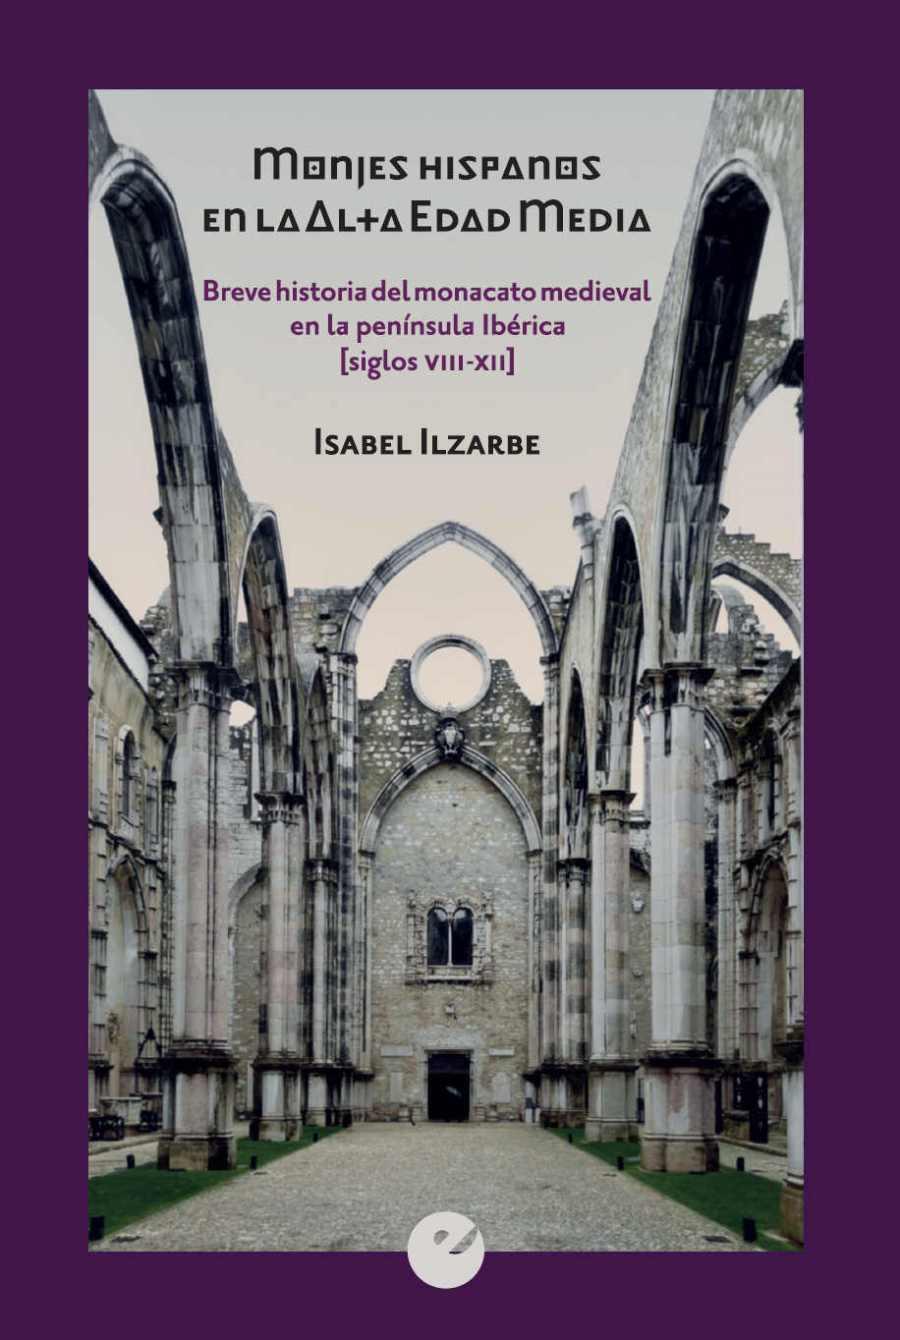 Monjes hispanos en la alta edad media. Breve historia del monacato medieval en la Península Ibérica (ss. VIII-XII) Book Cover